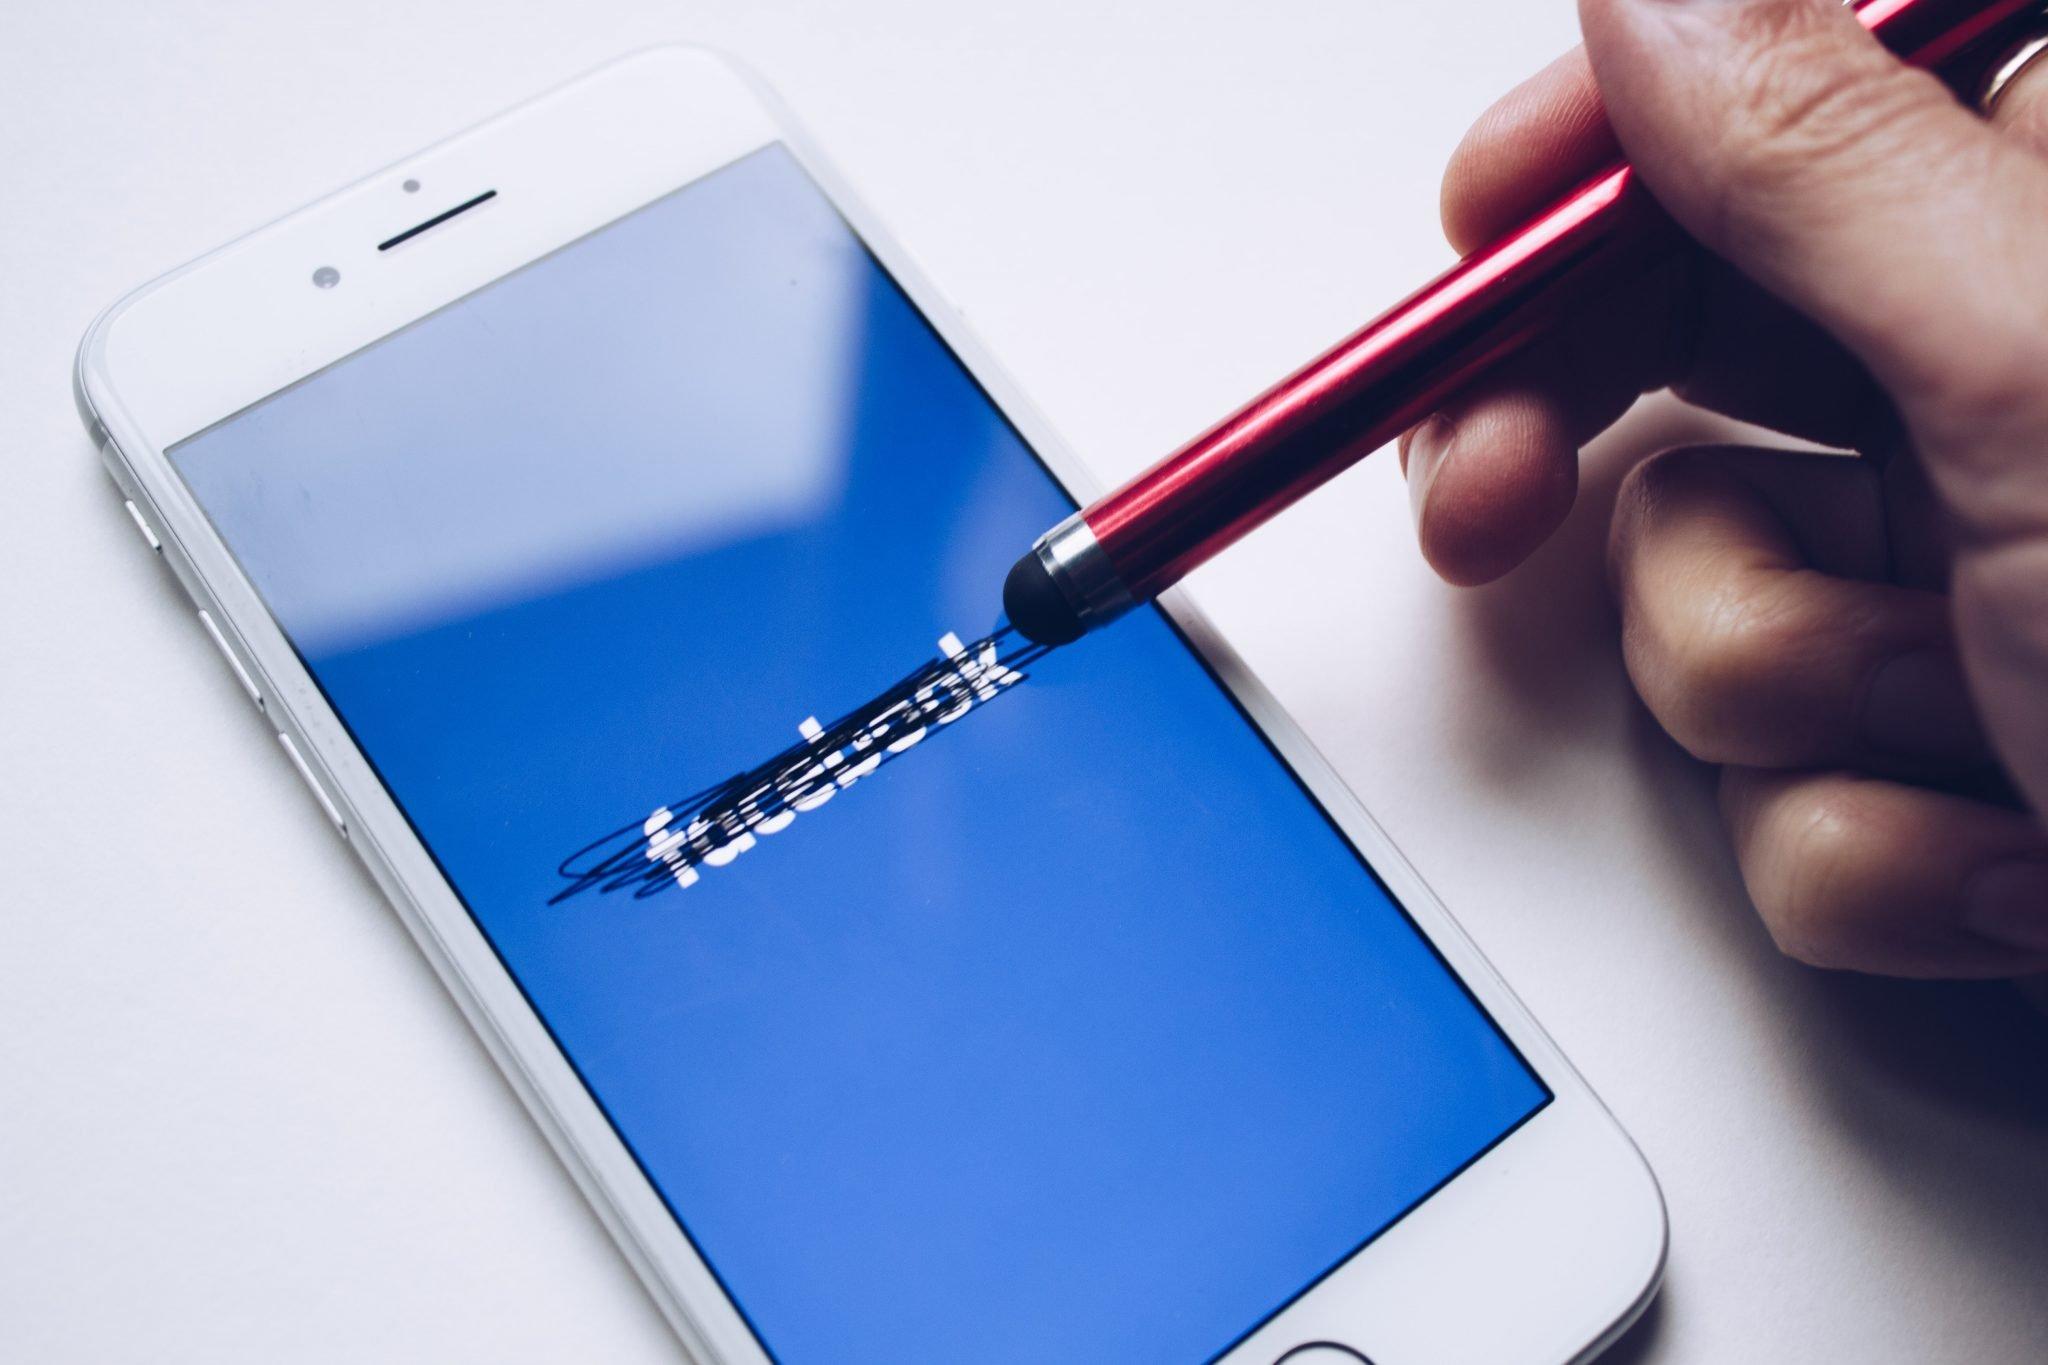 هل تريد الاحتفاظ ببرنامج Messenger ، ولكن مغادرة Facebook؟ اليك كيفية القيام بذلك